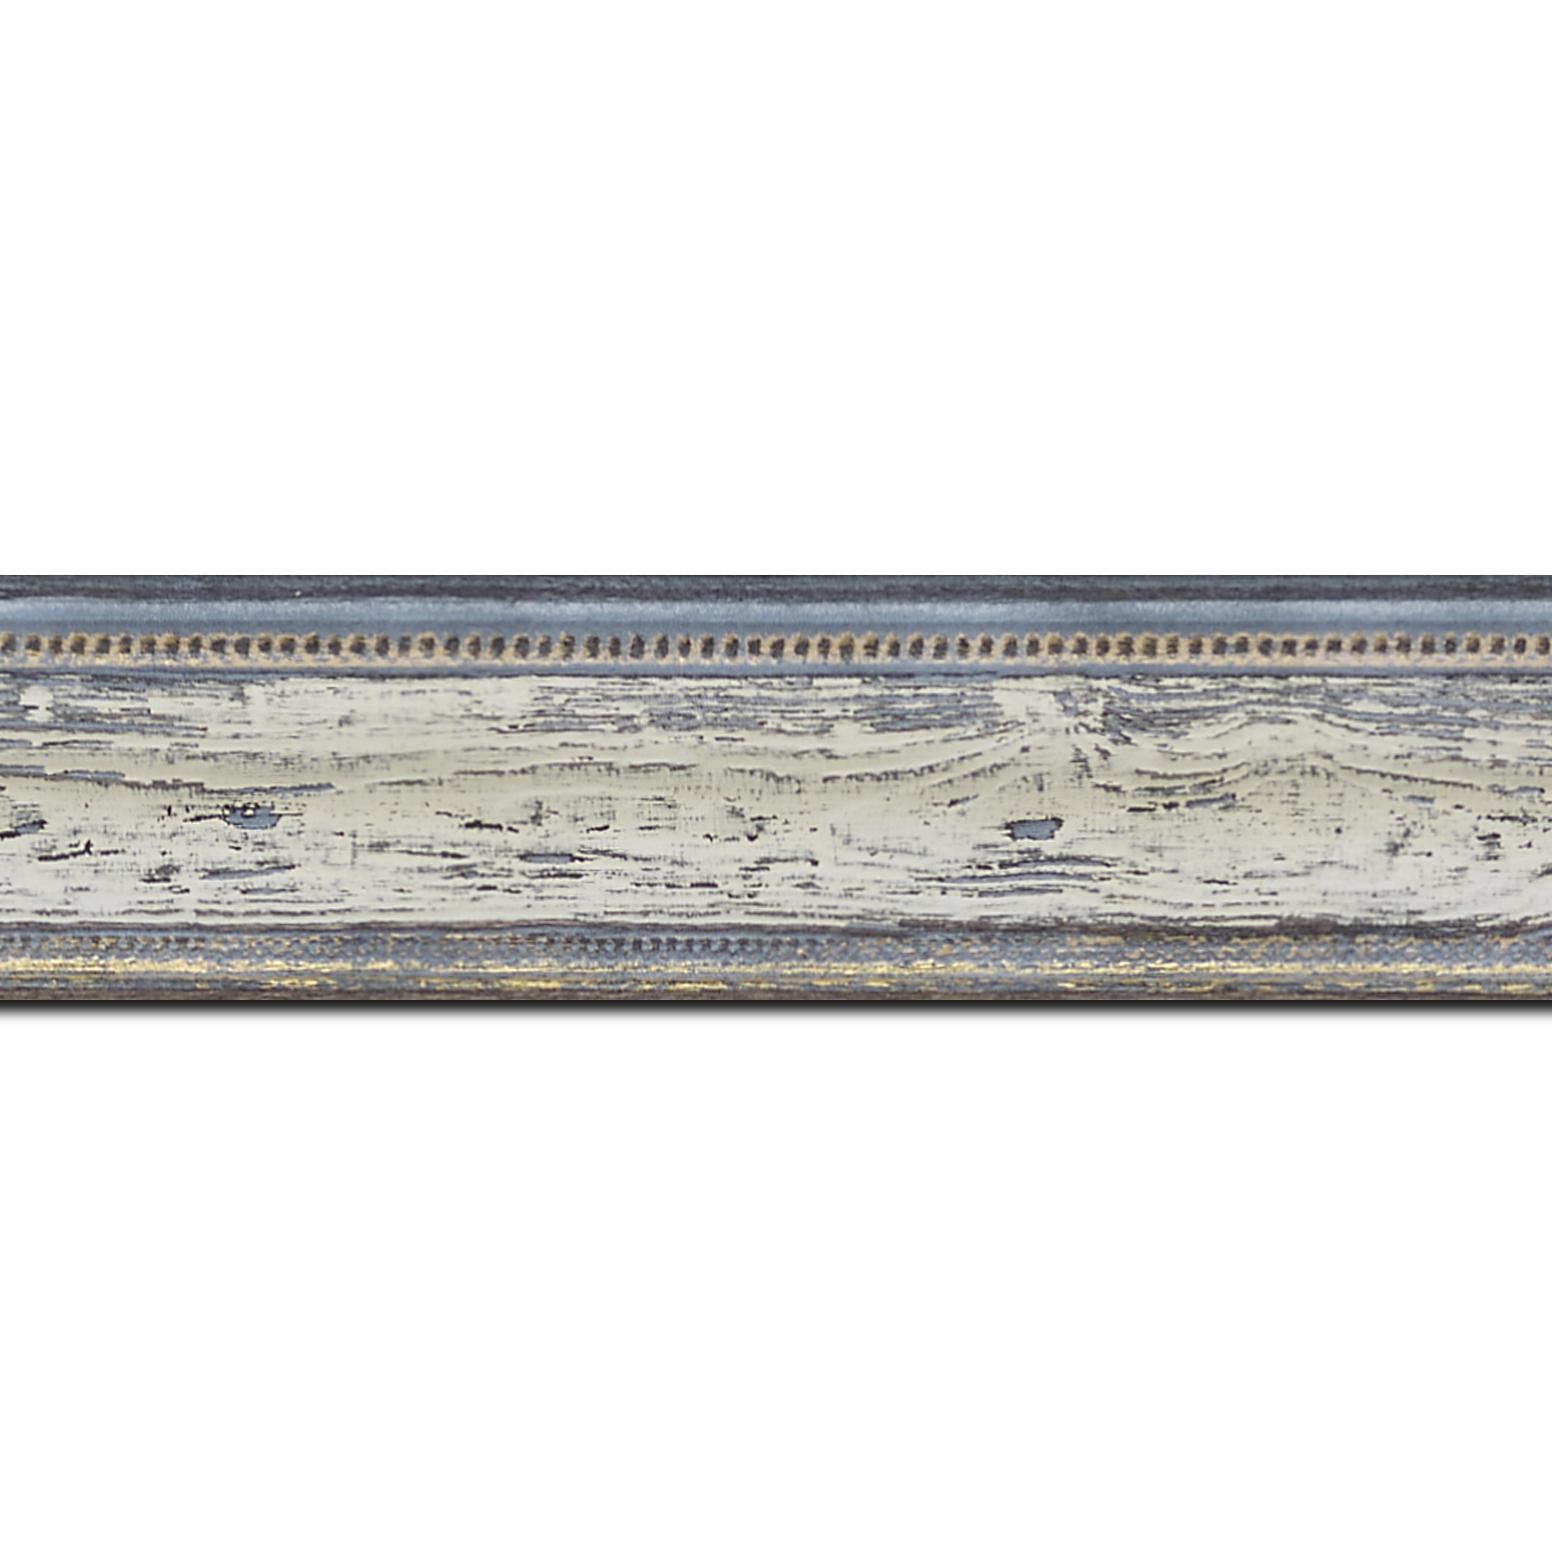 Pack par 12m, bois incurvé profil incurvé largeur 4.1cm couleur bleu blanchie aspect veiné liseret or (longueur baguette pouvant varier entre 2.40m et 3m selon arrivage des bois)